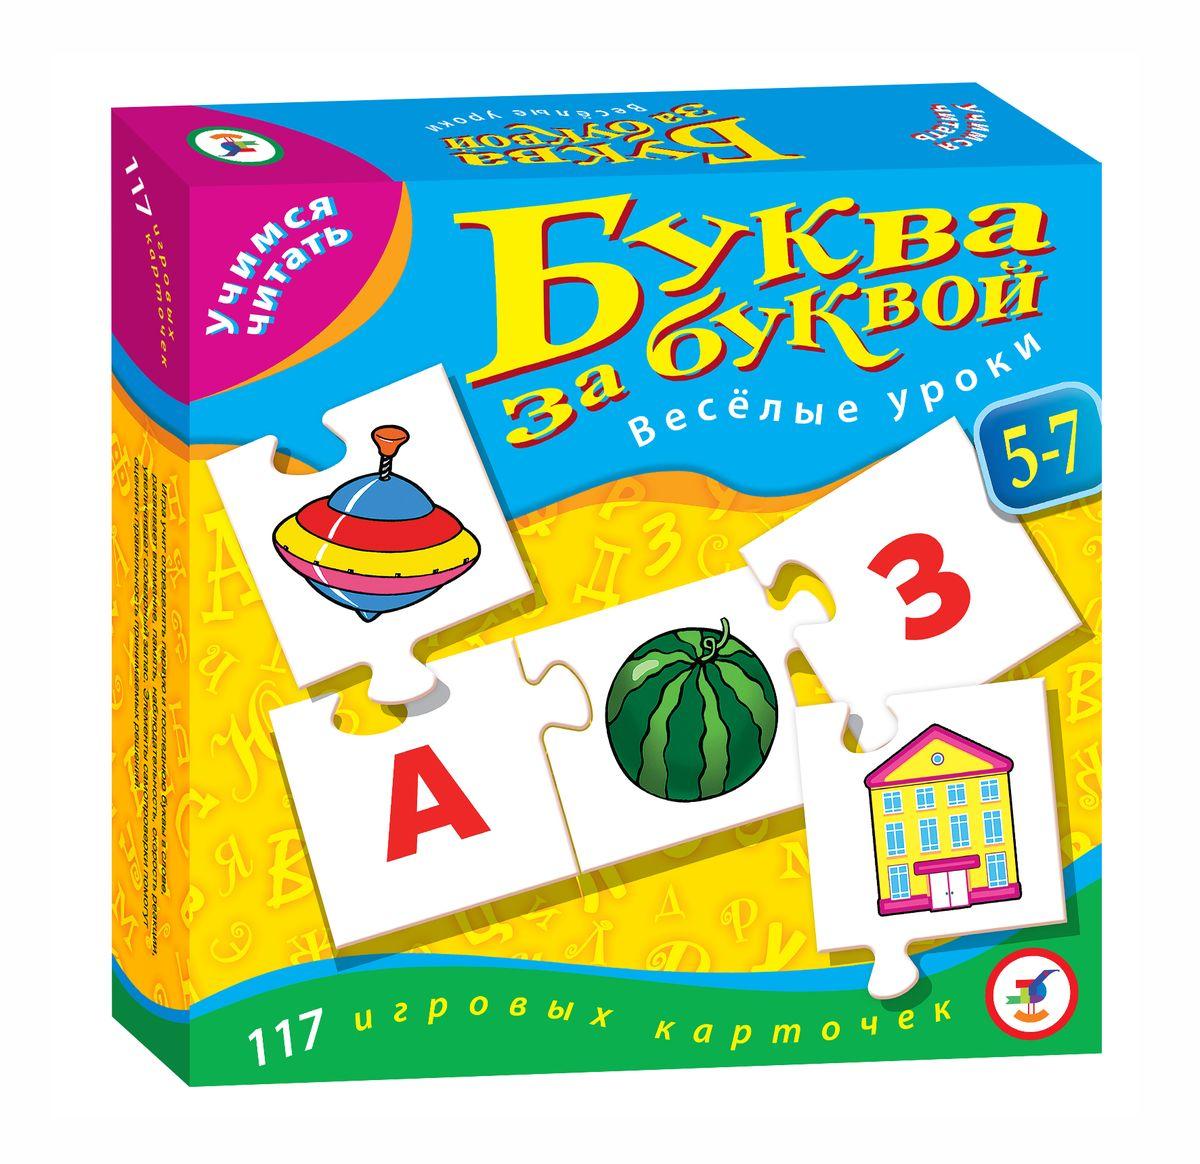 Дрофа-Медиа Обучающая игра Буква за буквой1070Настольная мини-игра Буква за буквой научит вашего ребенка буквам русского алфавита и определять первую и последнюю букву в слове, подготовит ребенка к овладению навыком чтения. Задача игрока - подобрать картинки к изображению буквы и присоединить их при помощи пазлового замка. Игровые карточки выполнены из плотного картона, а значит, прослужат не один год. С этой игрой обучение превратится в весёлое развлечение. В набор входят 117 карточек с яркими картинками и правила игры на русском языке. Настольная игра развивает внимание, мелкую моторику рук, воспитывает самостоятельность, логическое мышление и умение оценивать свои действия.